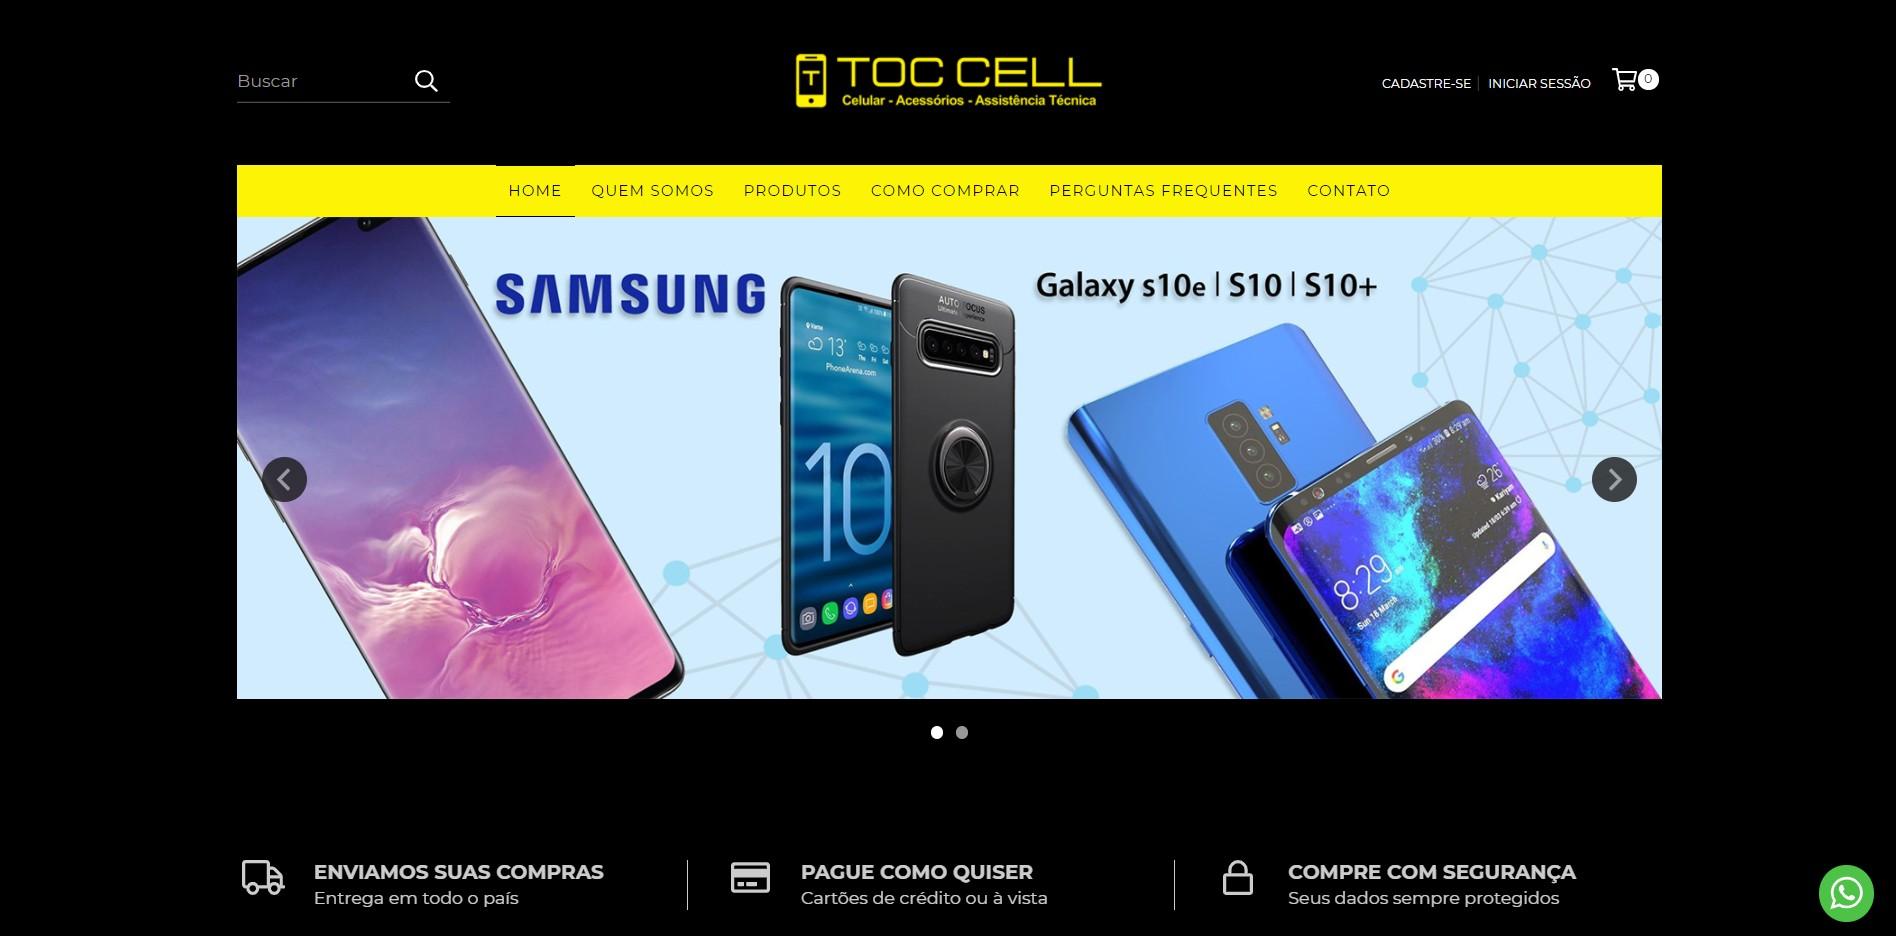 Nova Loja Virtual Chegando! Toc Cell Celulares